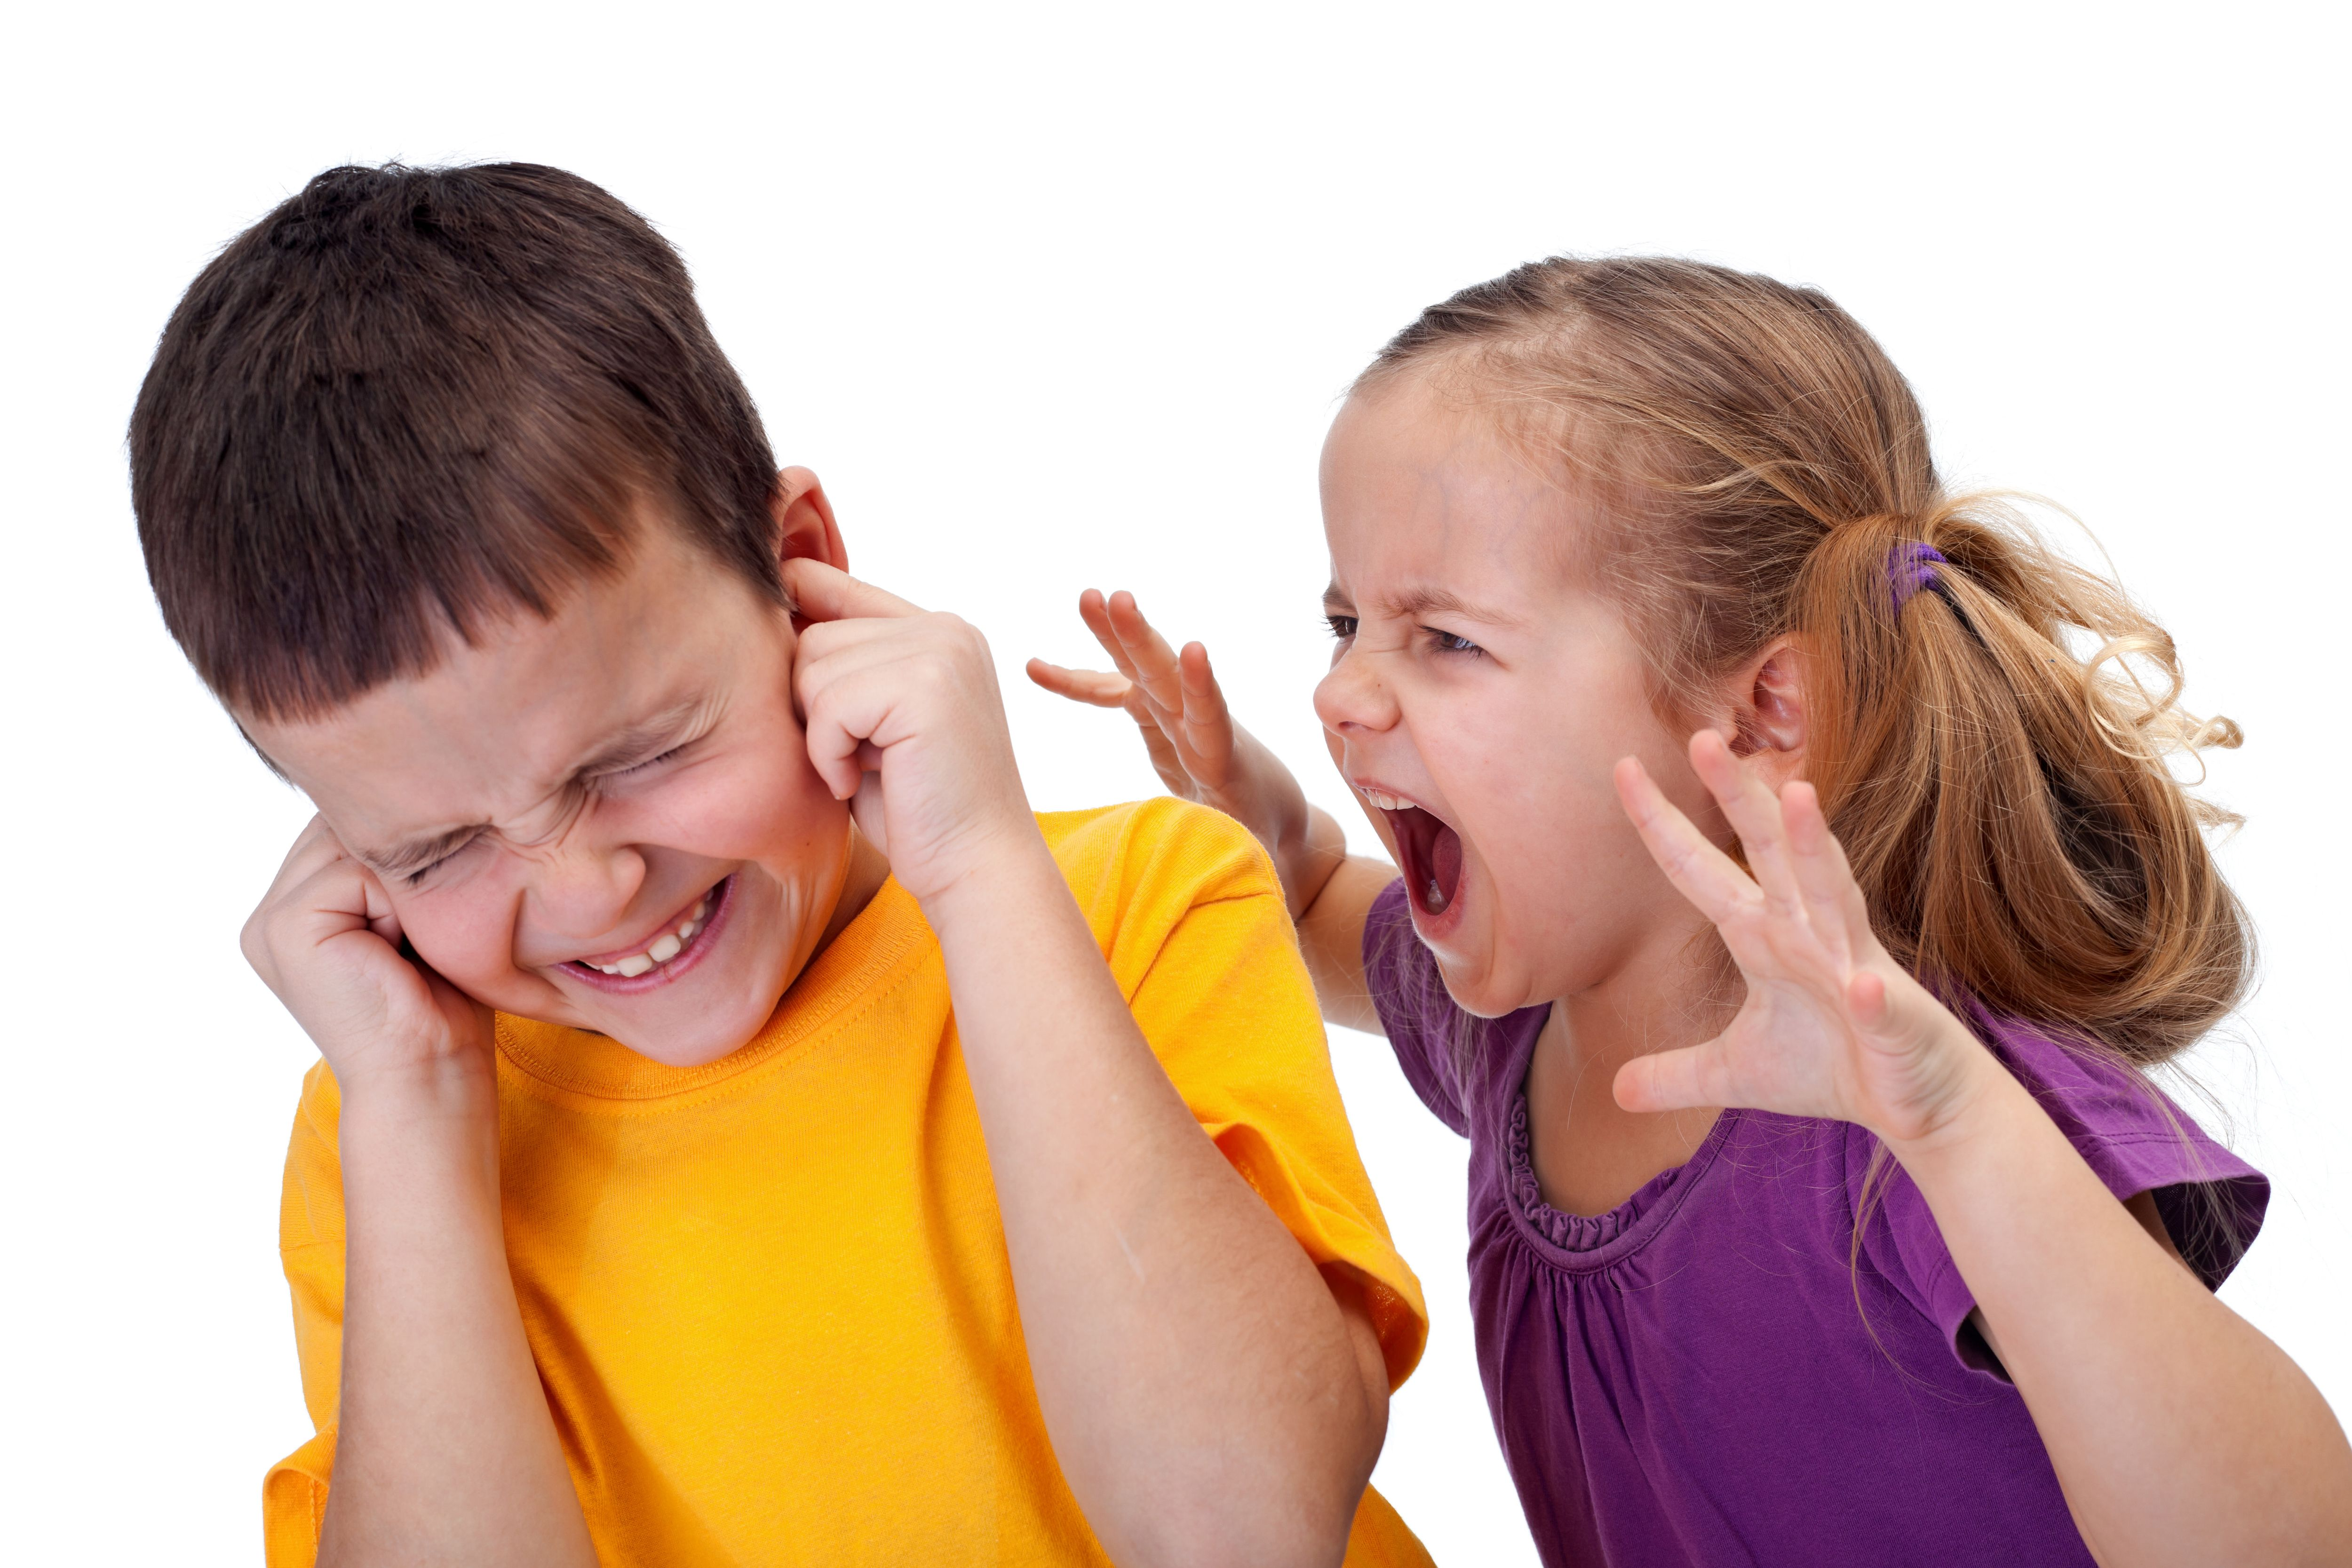 как правильно воспитать ребенка